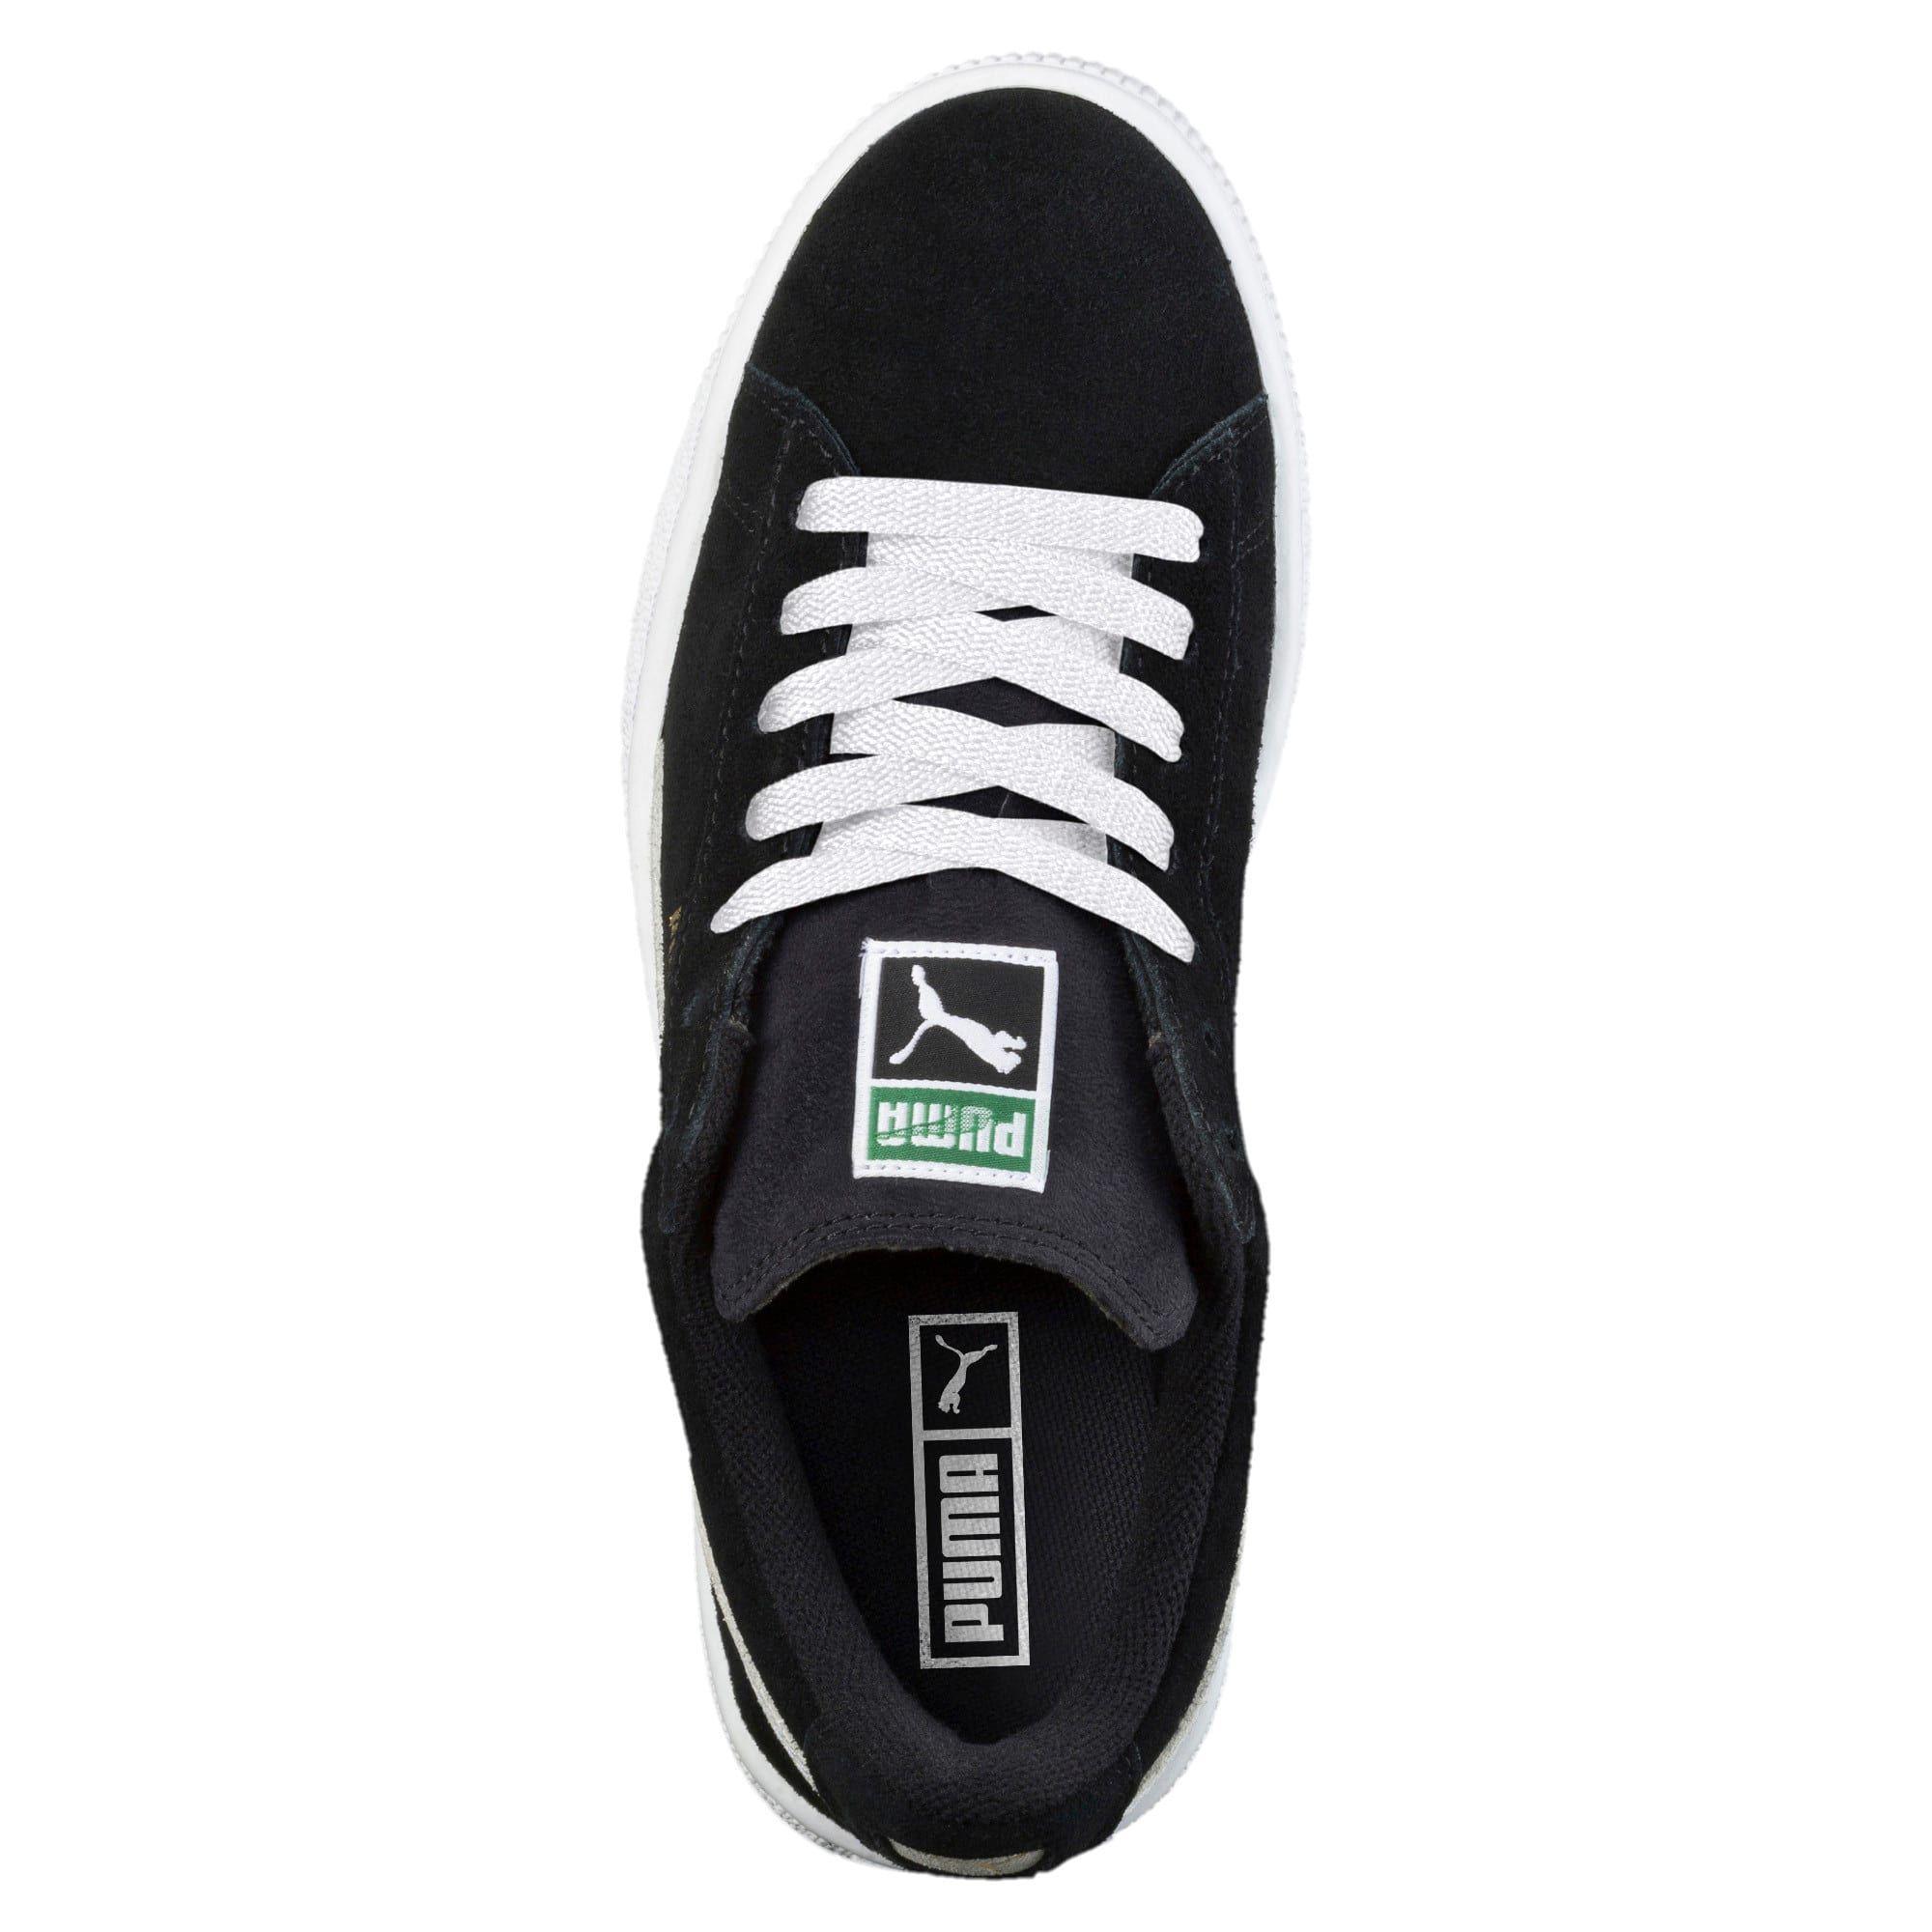 Sneaker aus Wildleder für Kinder | schwarz-weiß | PUMA Kids | PUMA Großbritannien